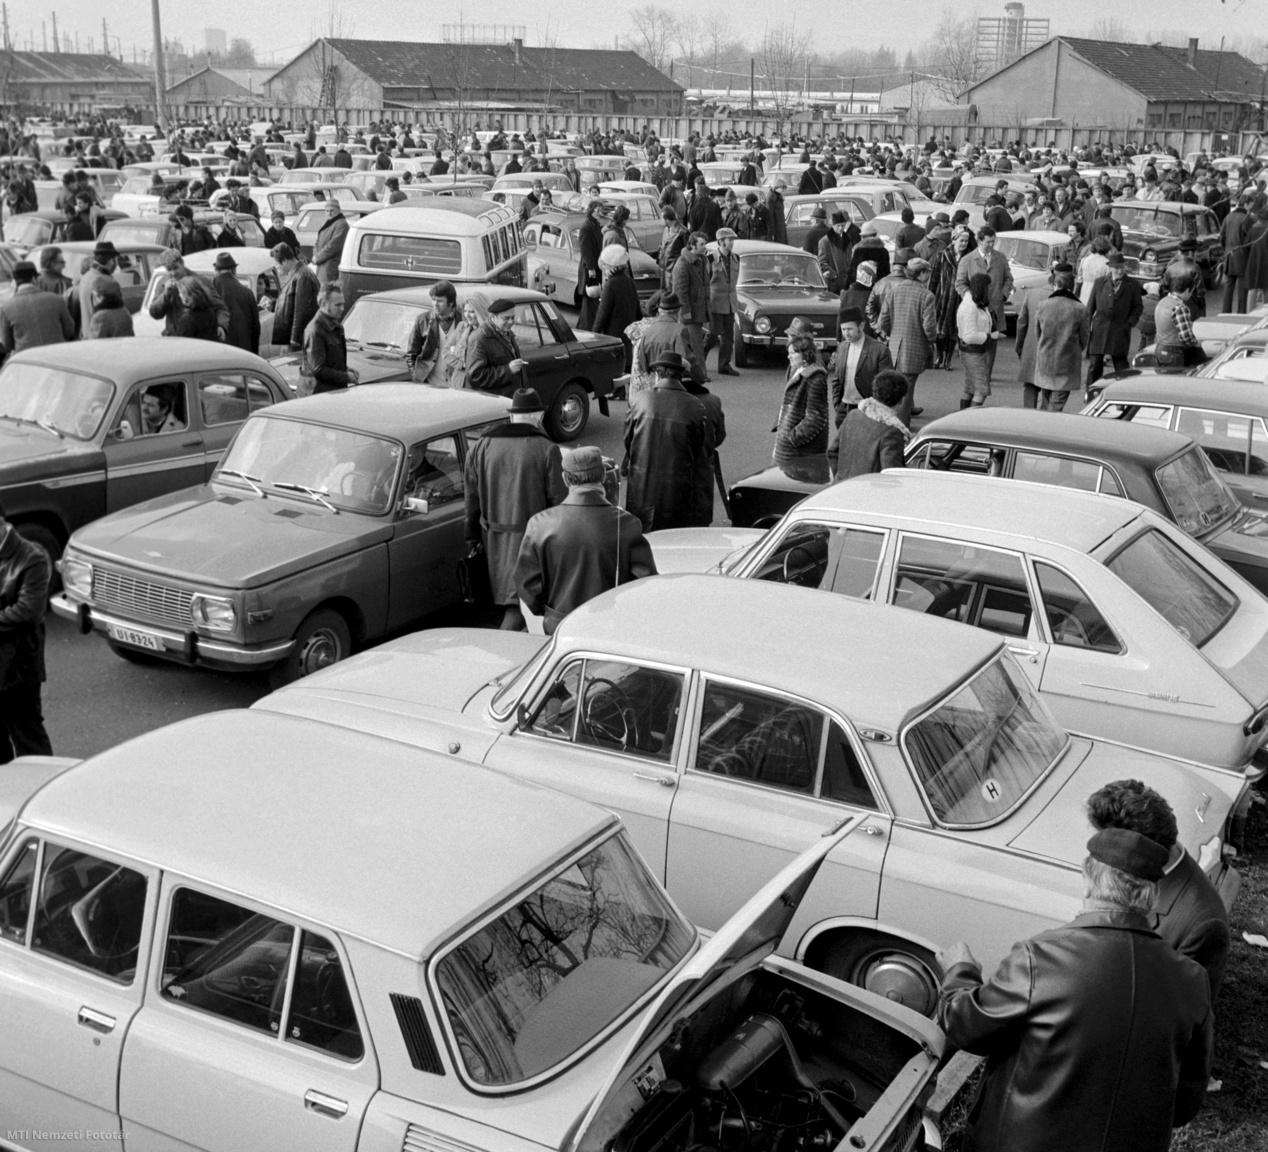 Eladók és vásárlók az angyalföldi használtautó-piacon a Röppentyű utcában 1977. április 17-én. Az előtérben egy Skoda S100-as motorterét mutatja a vevőnek a gépkocsi tulajdonosa.